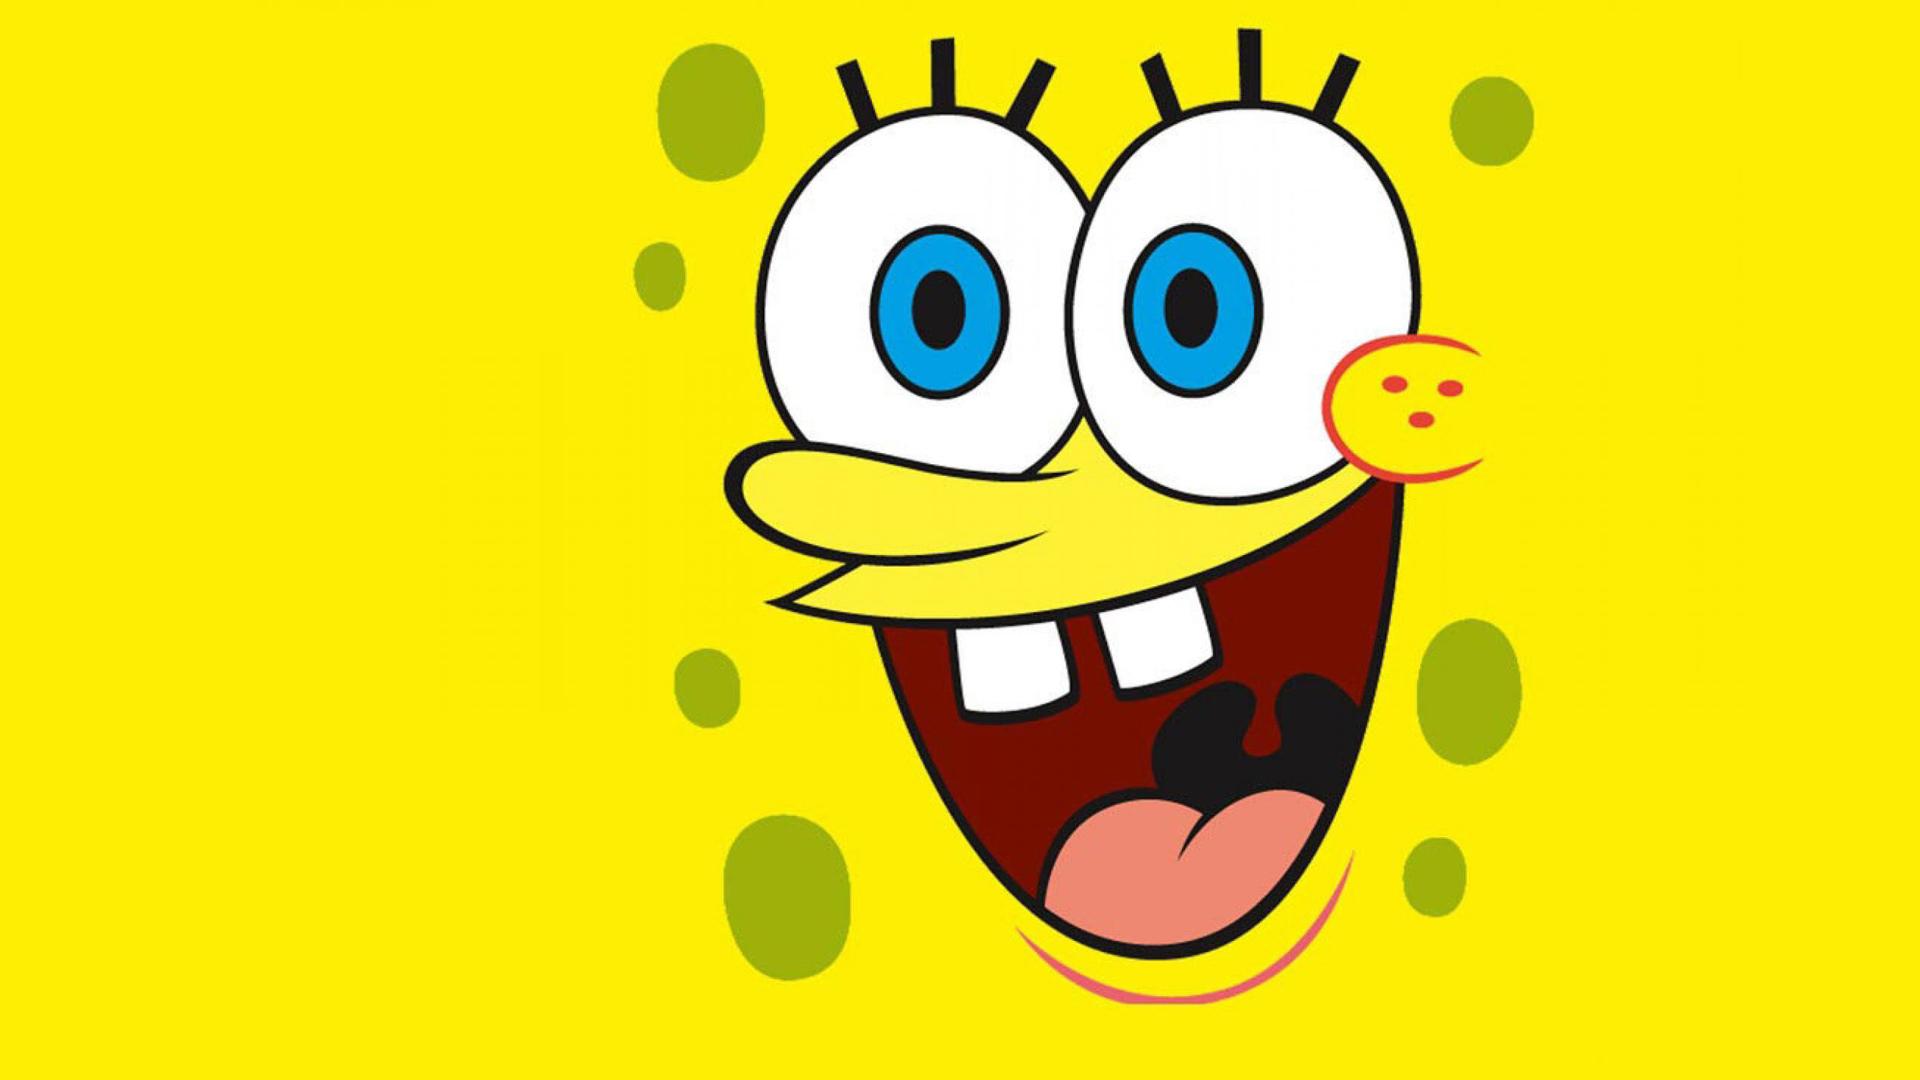 Spongebob Squarepants Wallpaper Hd wallpaper   942308 1920x1080